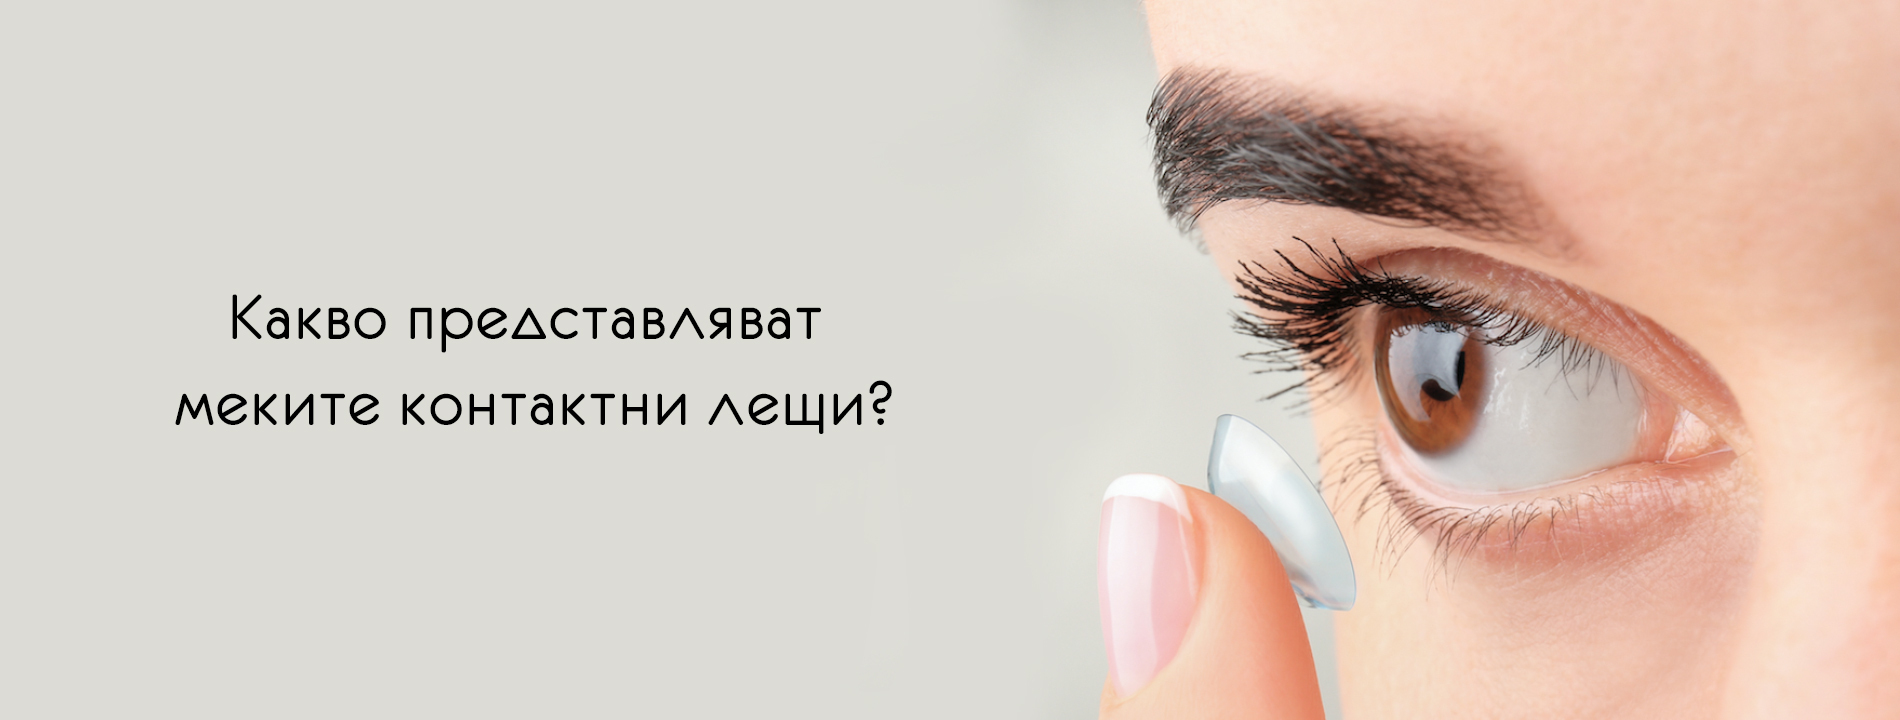 Какво представляват меките контактни лещи?